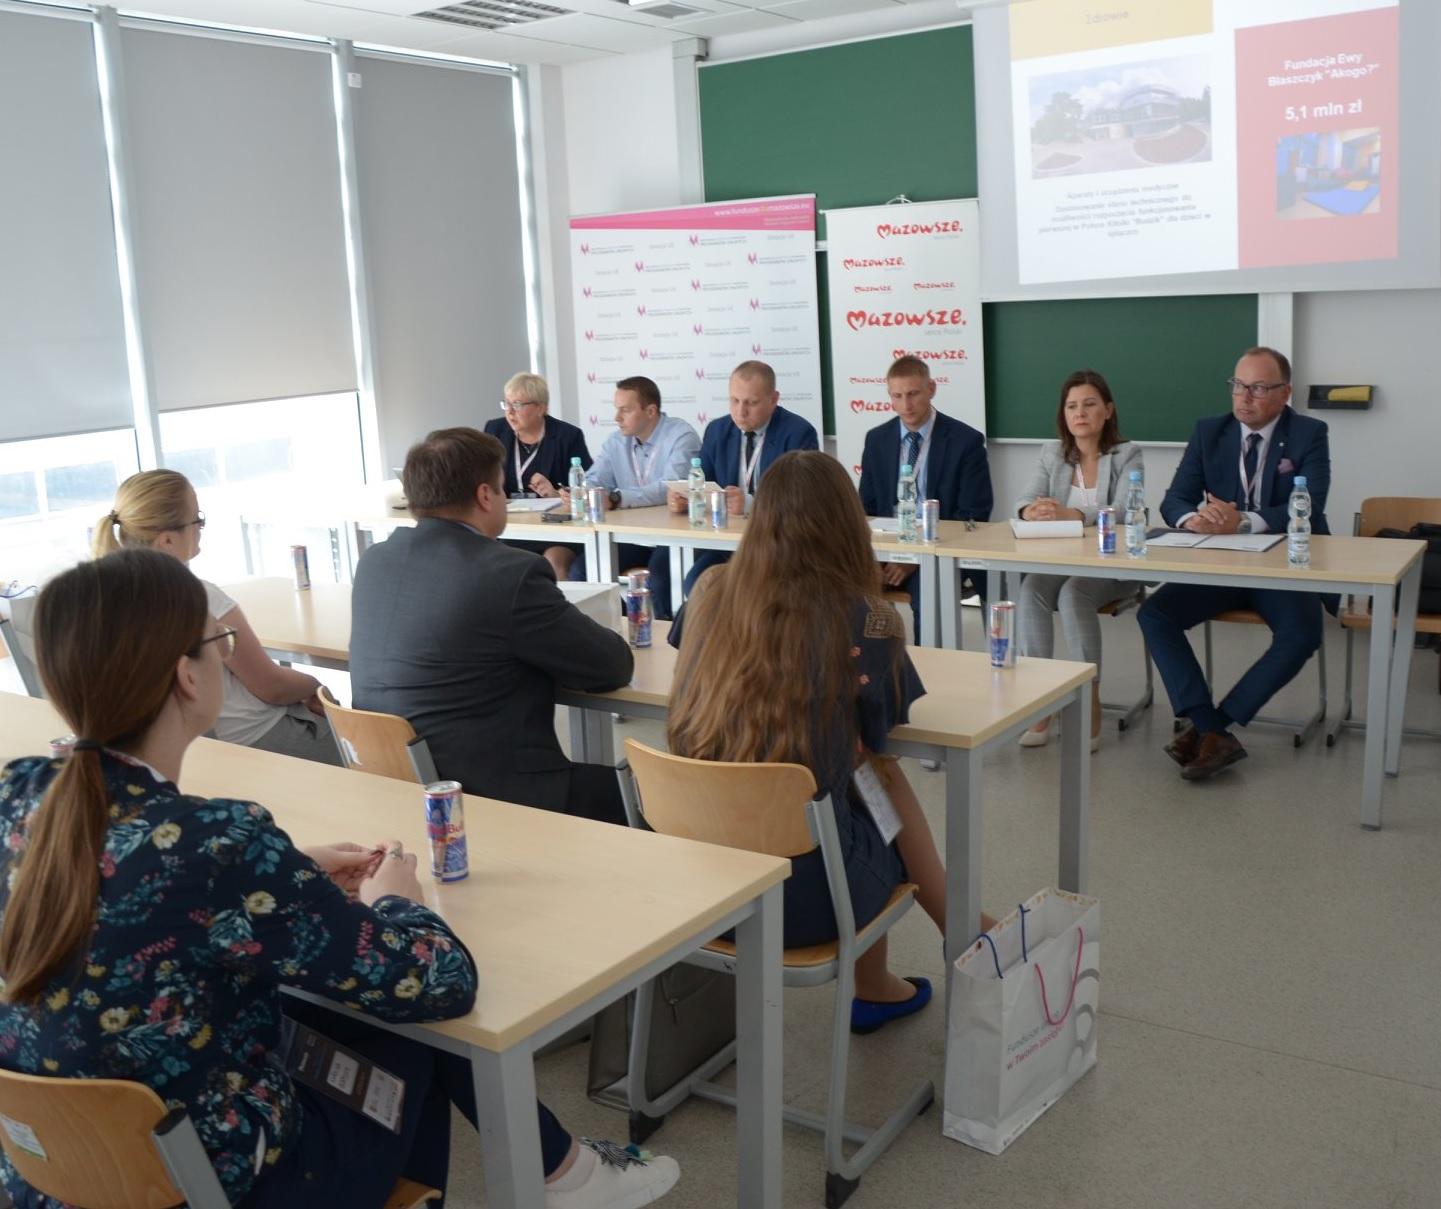 O funduszach unijnych ze studentami Politechniki Warszawskiej